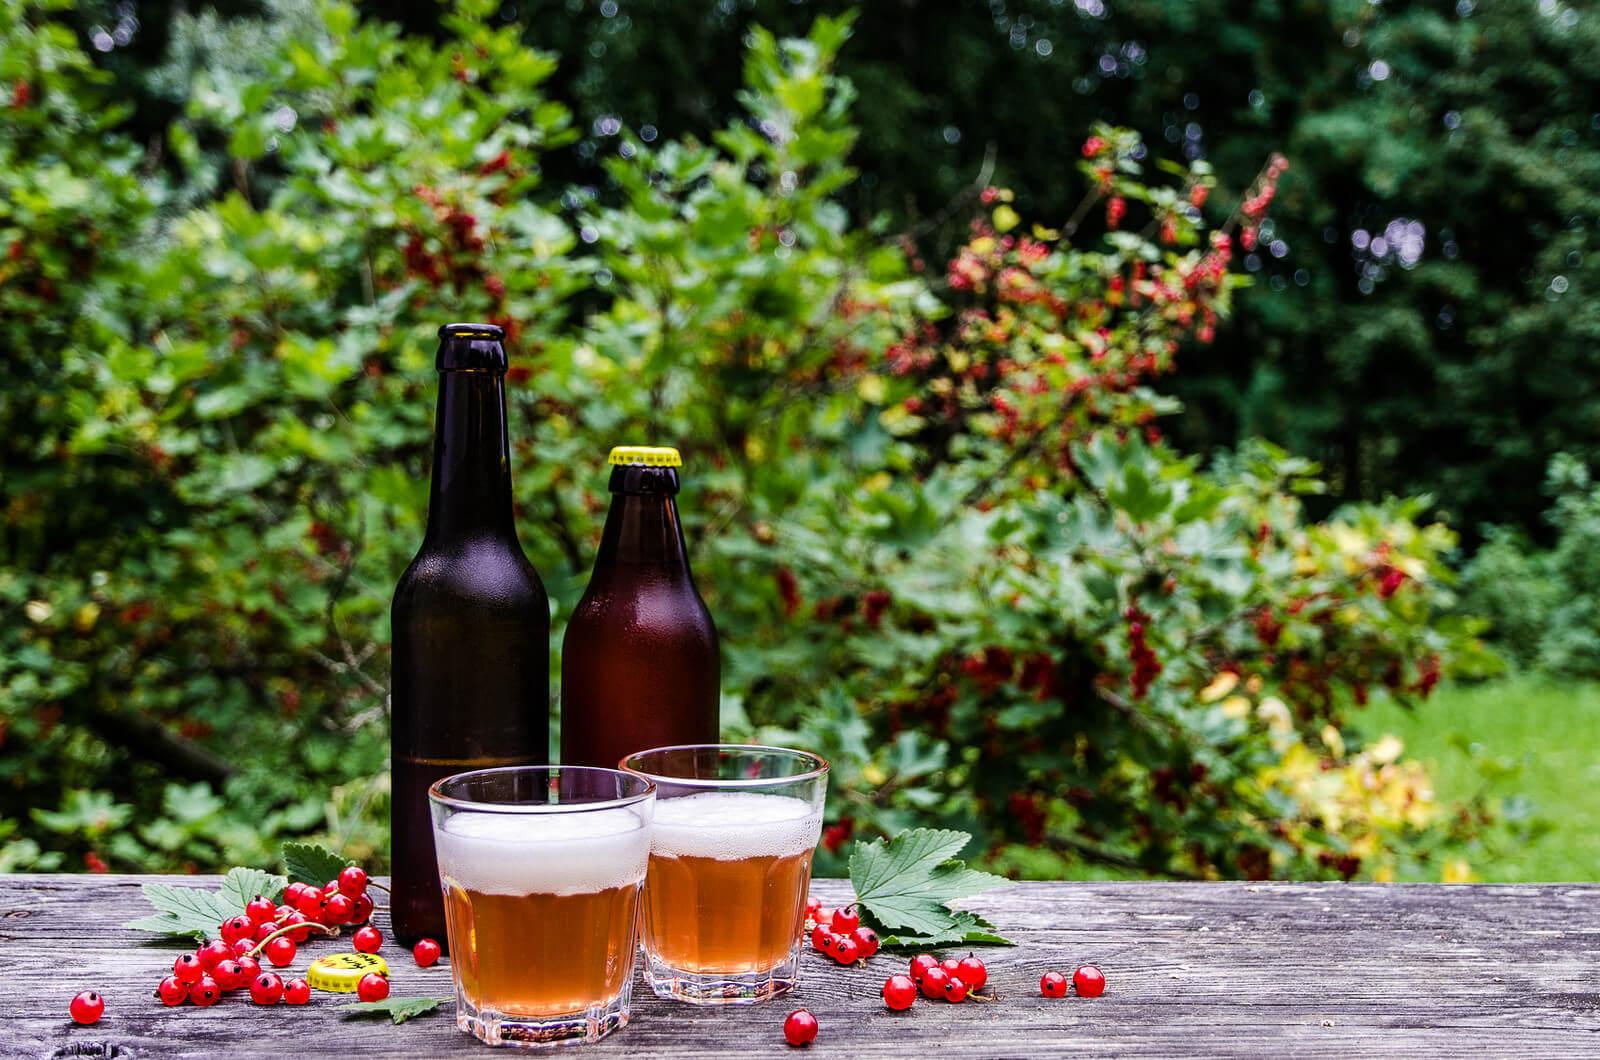 Кислое и дикое пиво: в чём разница?